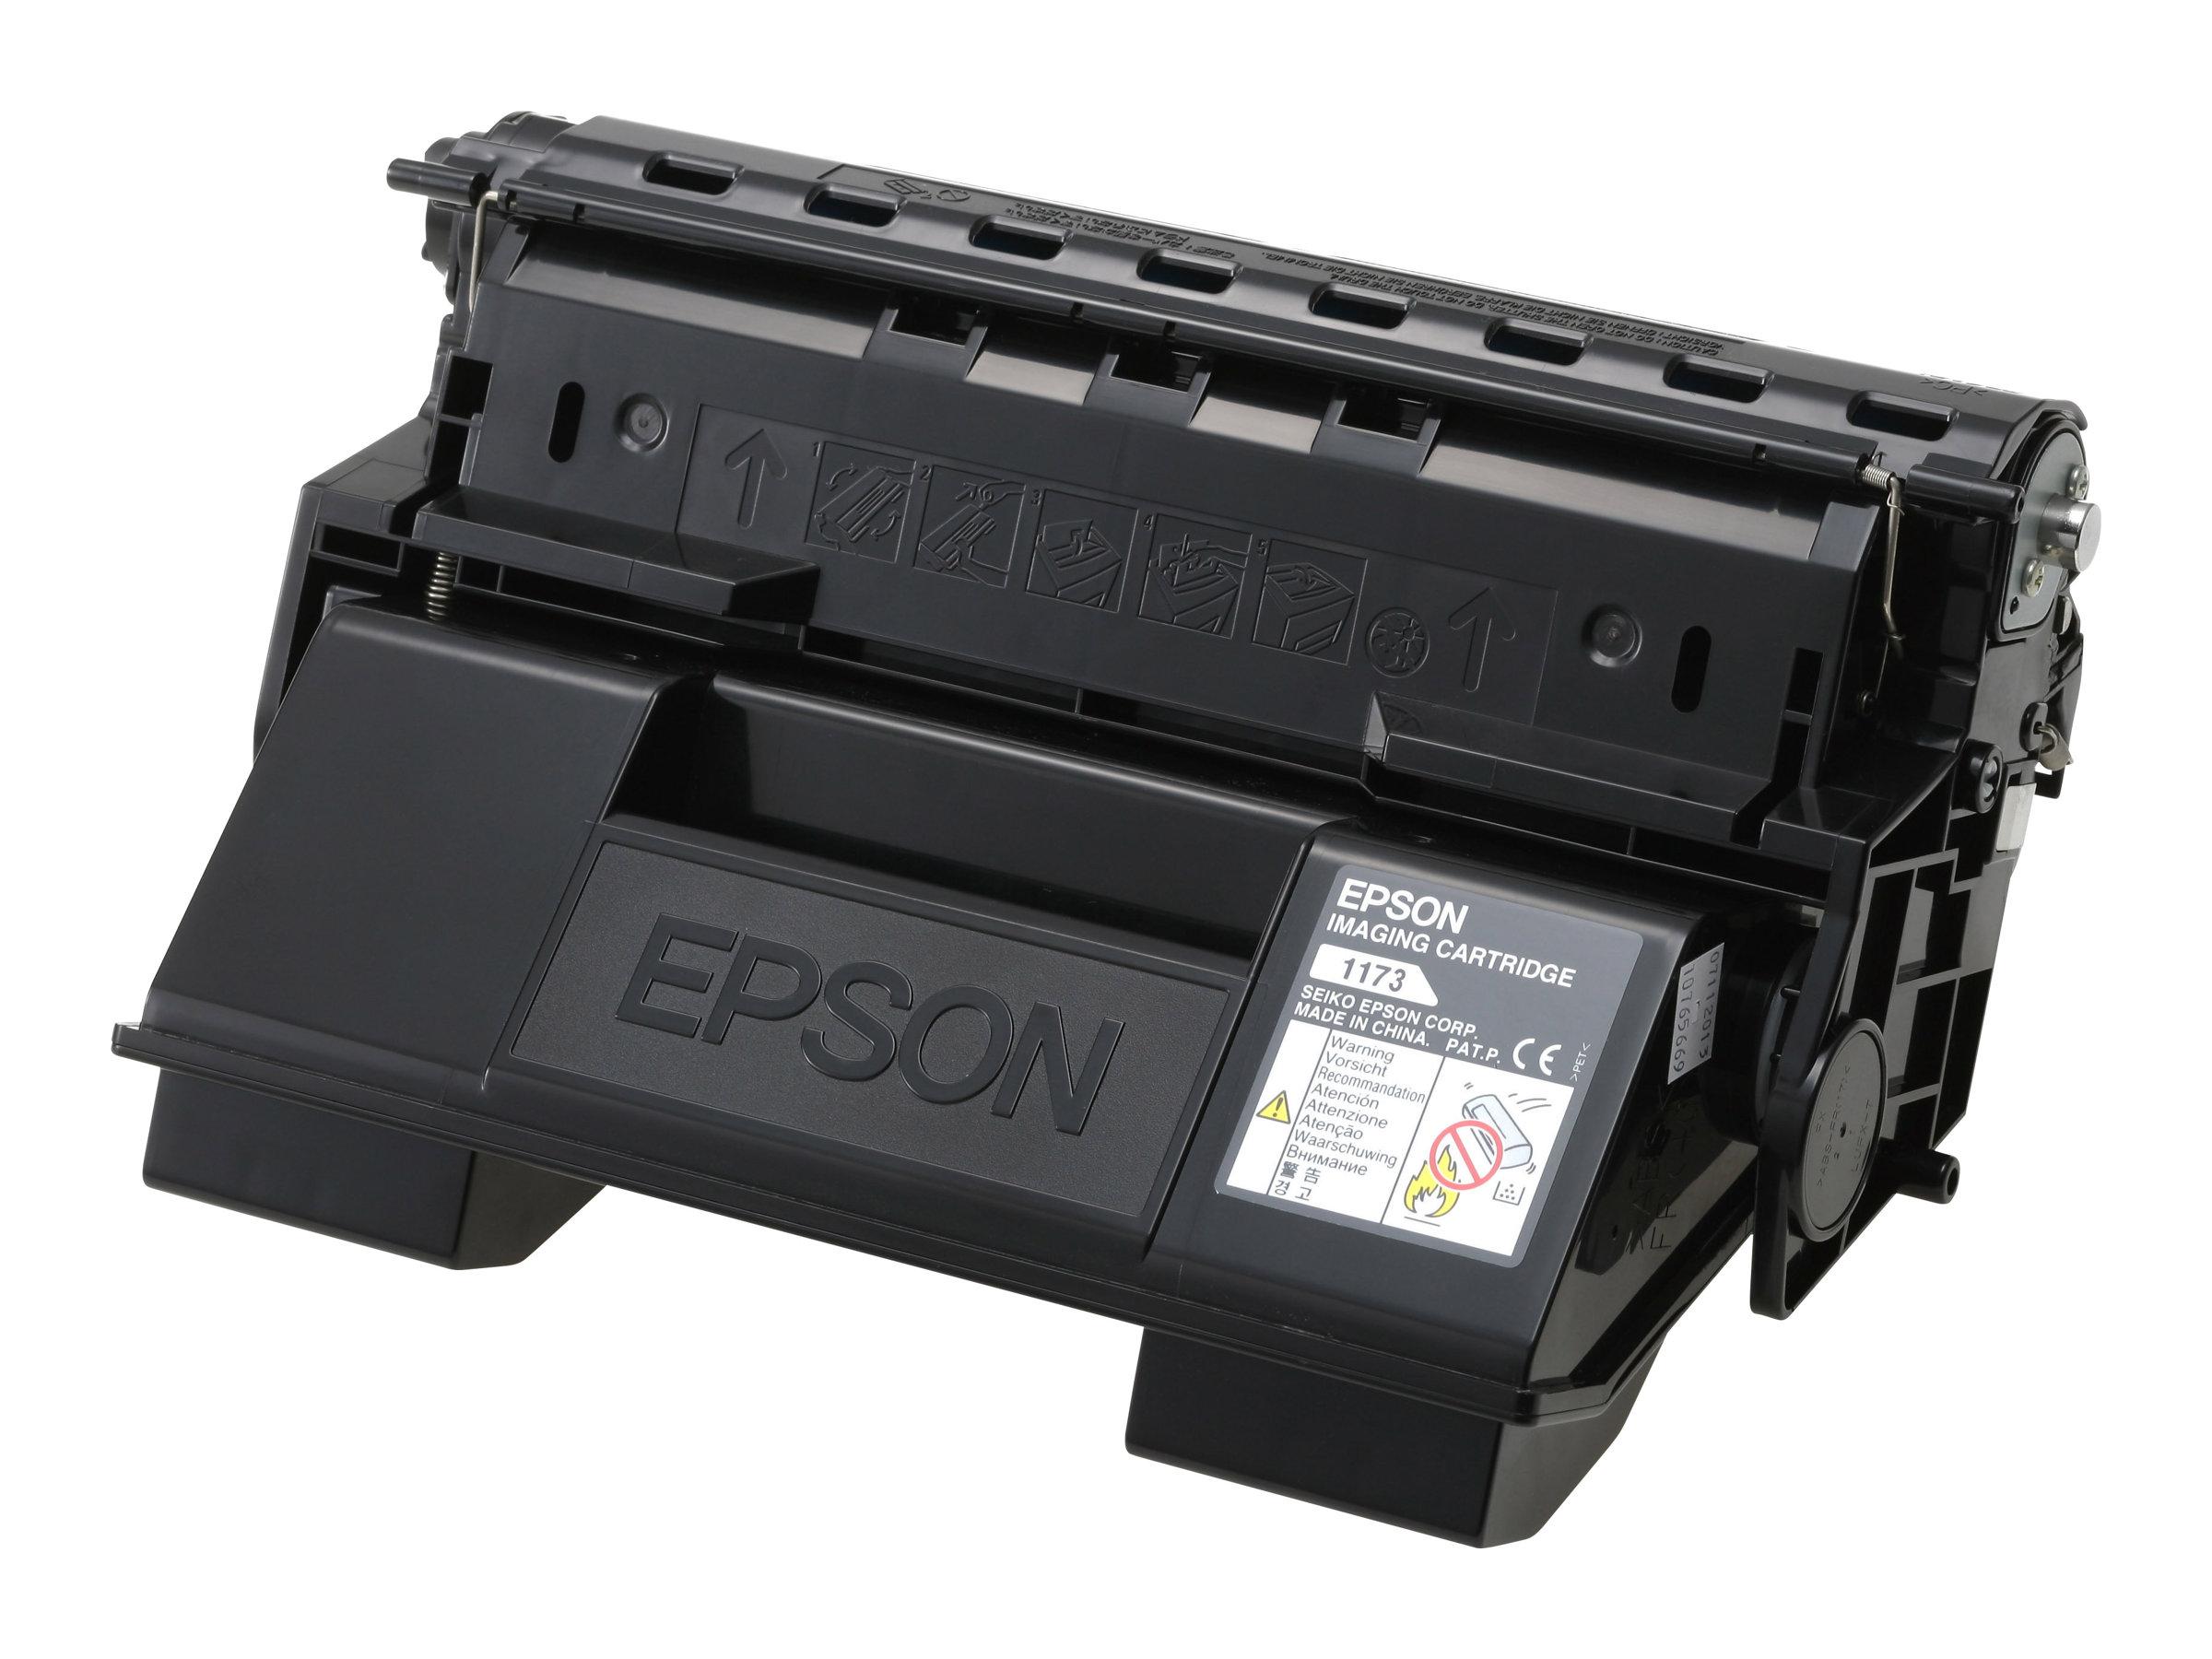 Epson - Schwarz - Original - Tonerpatrone Epson Return Program - für AcuLaser M4000, M4000DN, M4000DTN, M4000N, M4000TN